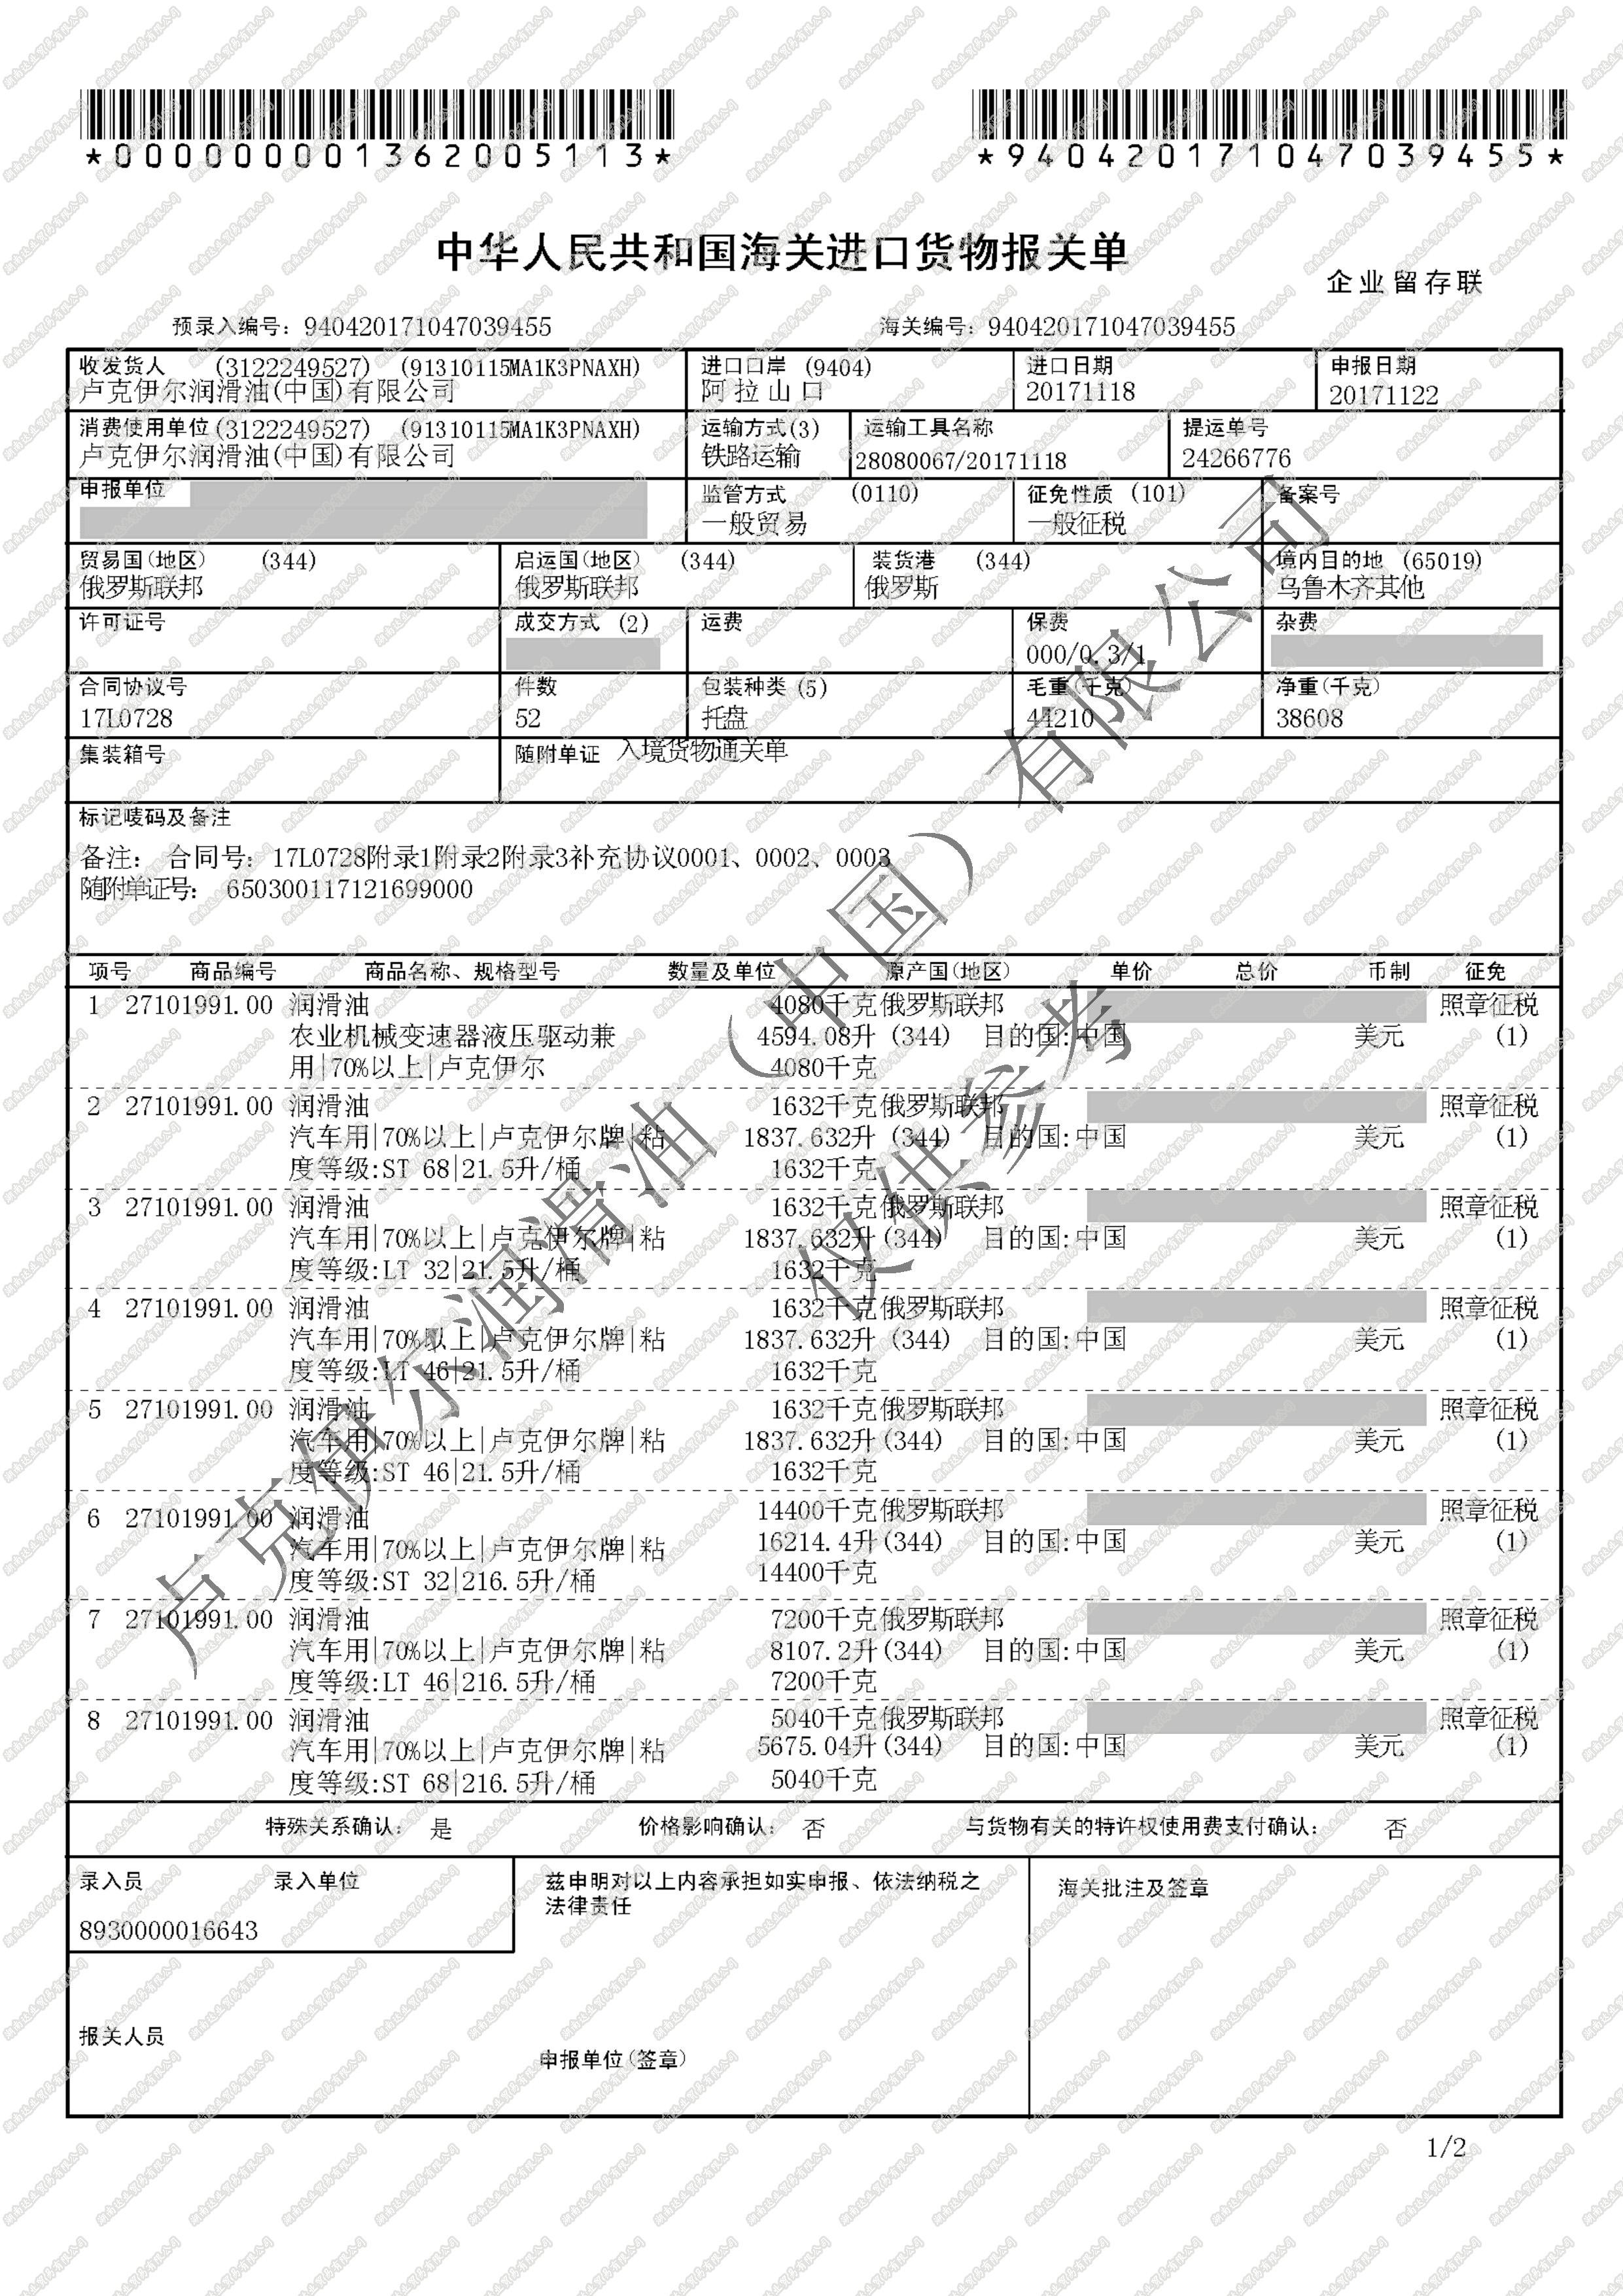 28080067_报关单_商检报告-带水印-1